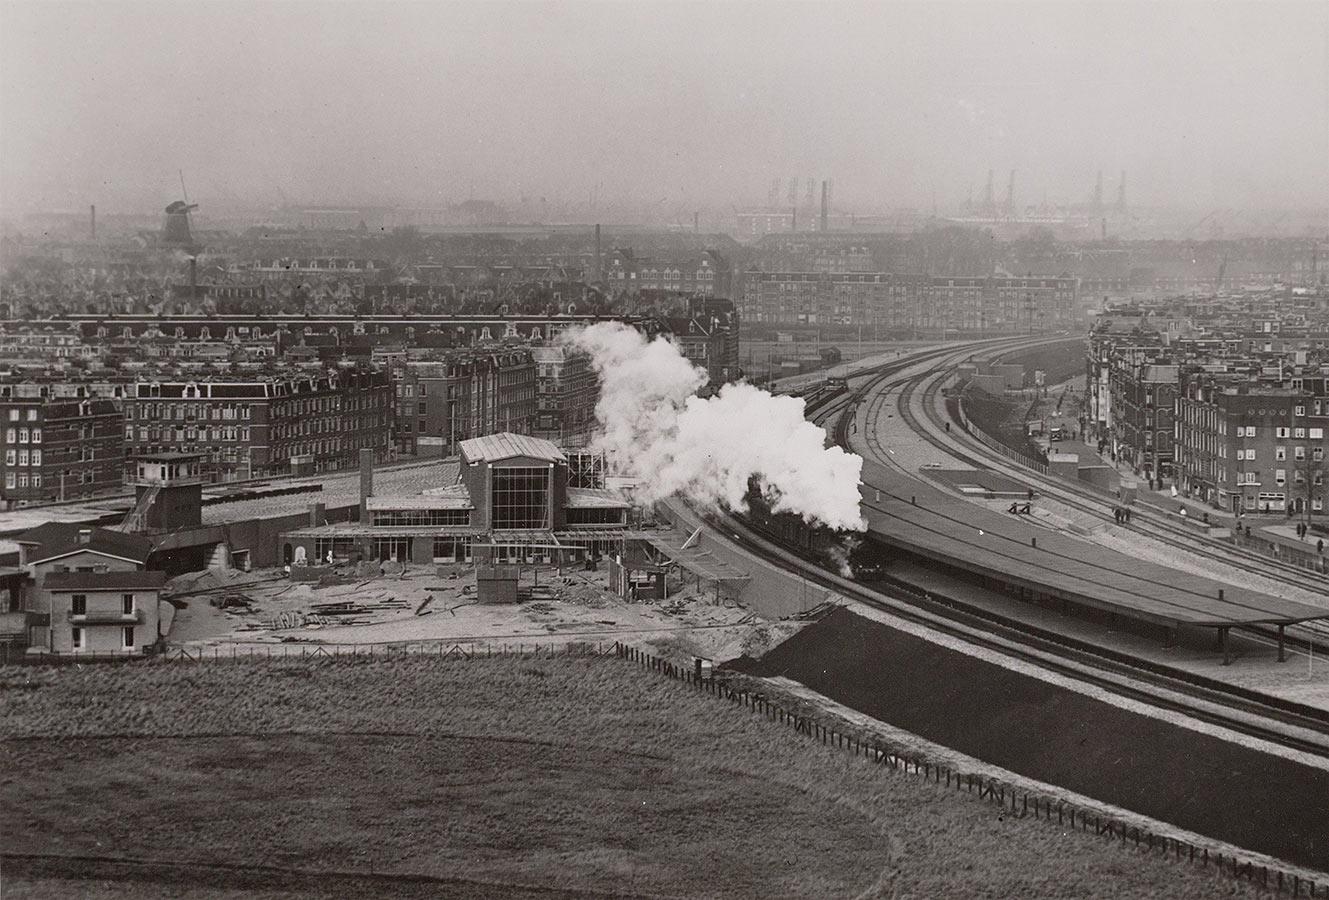 Foto vanuit hoog punt genomen met bouwwerkzaamheden nieuwe Muiderpoorstation. Bouwput waar nu Oostspoorplein is. Stoomlocomotief doet al perron aan met grote rookpluim. Rechts stuk Celebstraat te zien, links Pontanusstraat.